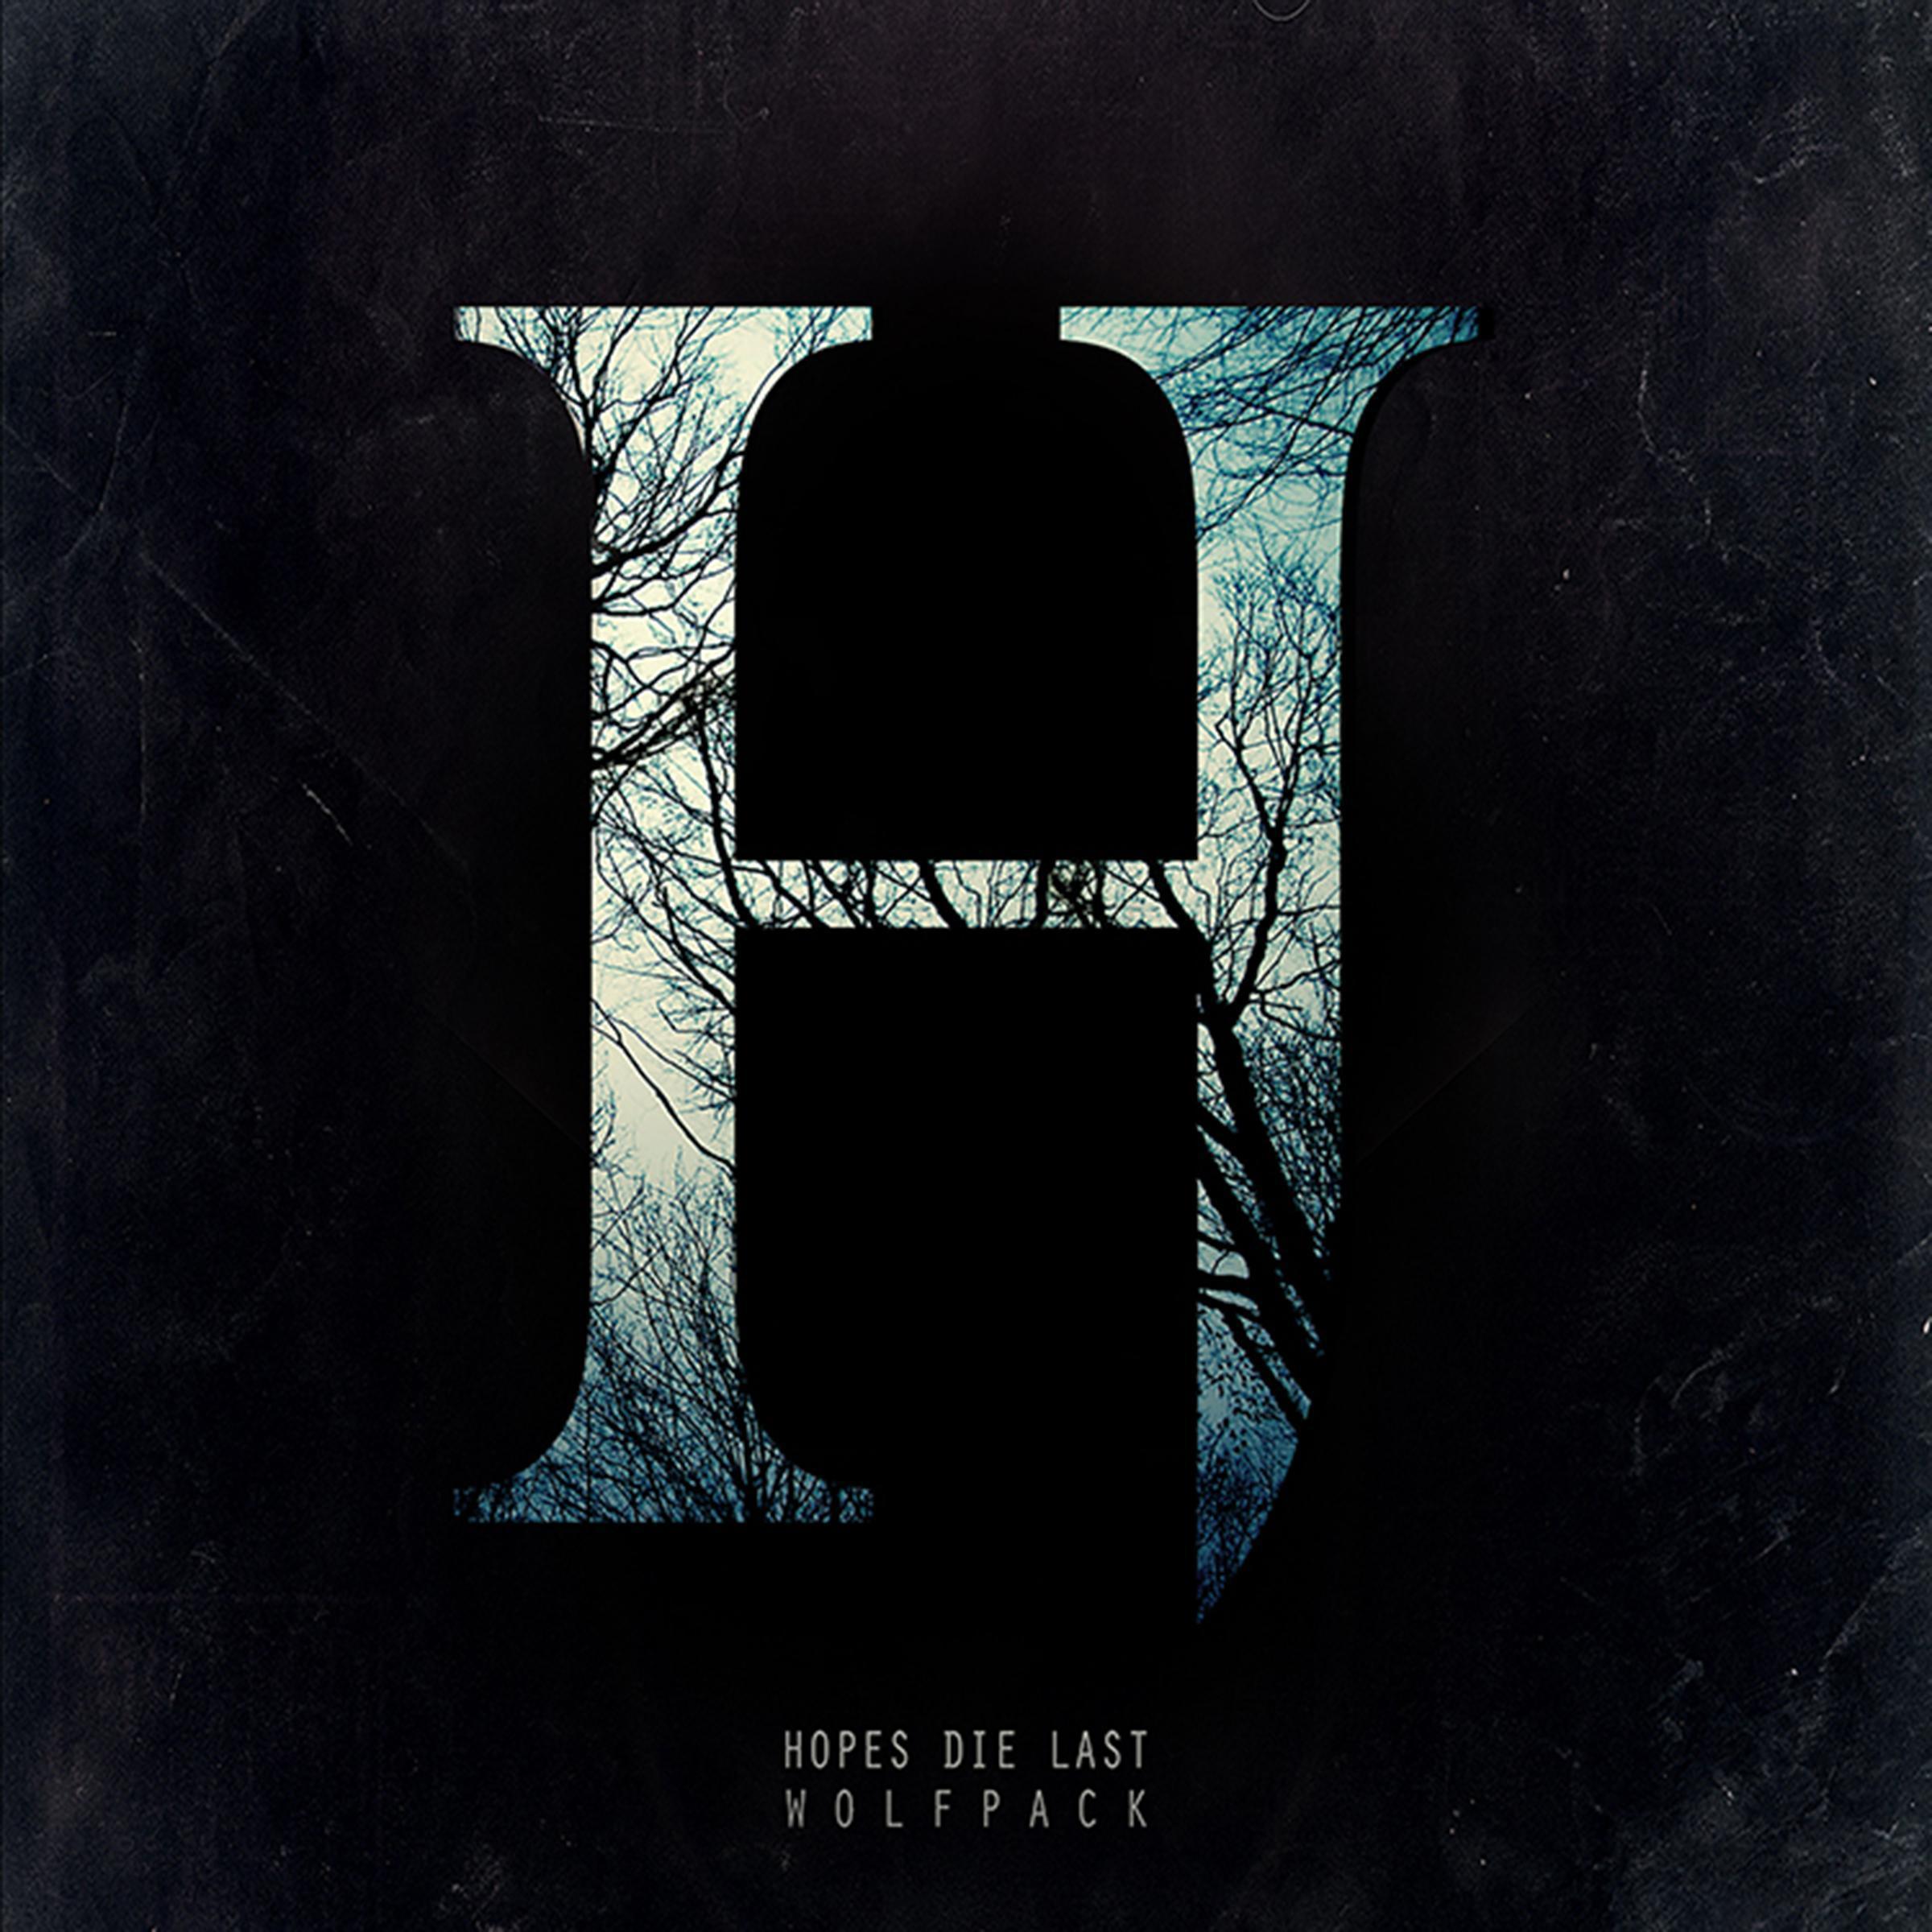 Hopes Die Last - Wolfpack [EP] (2013)